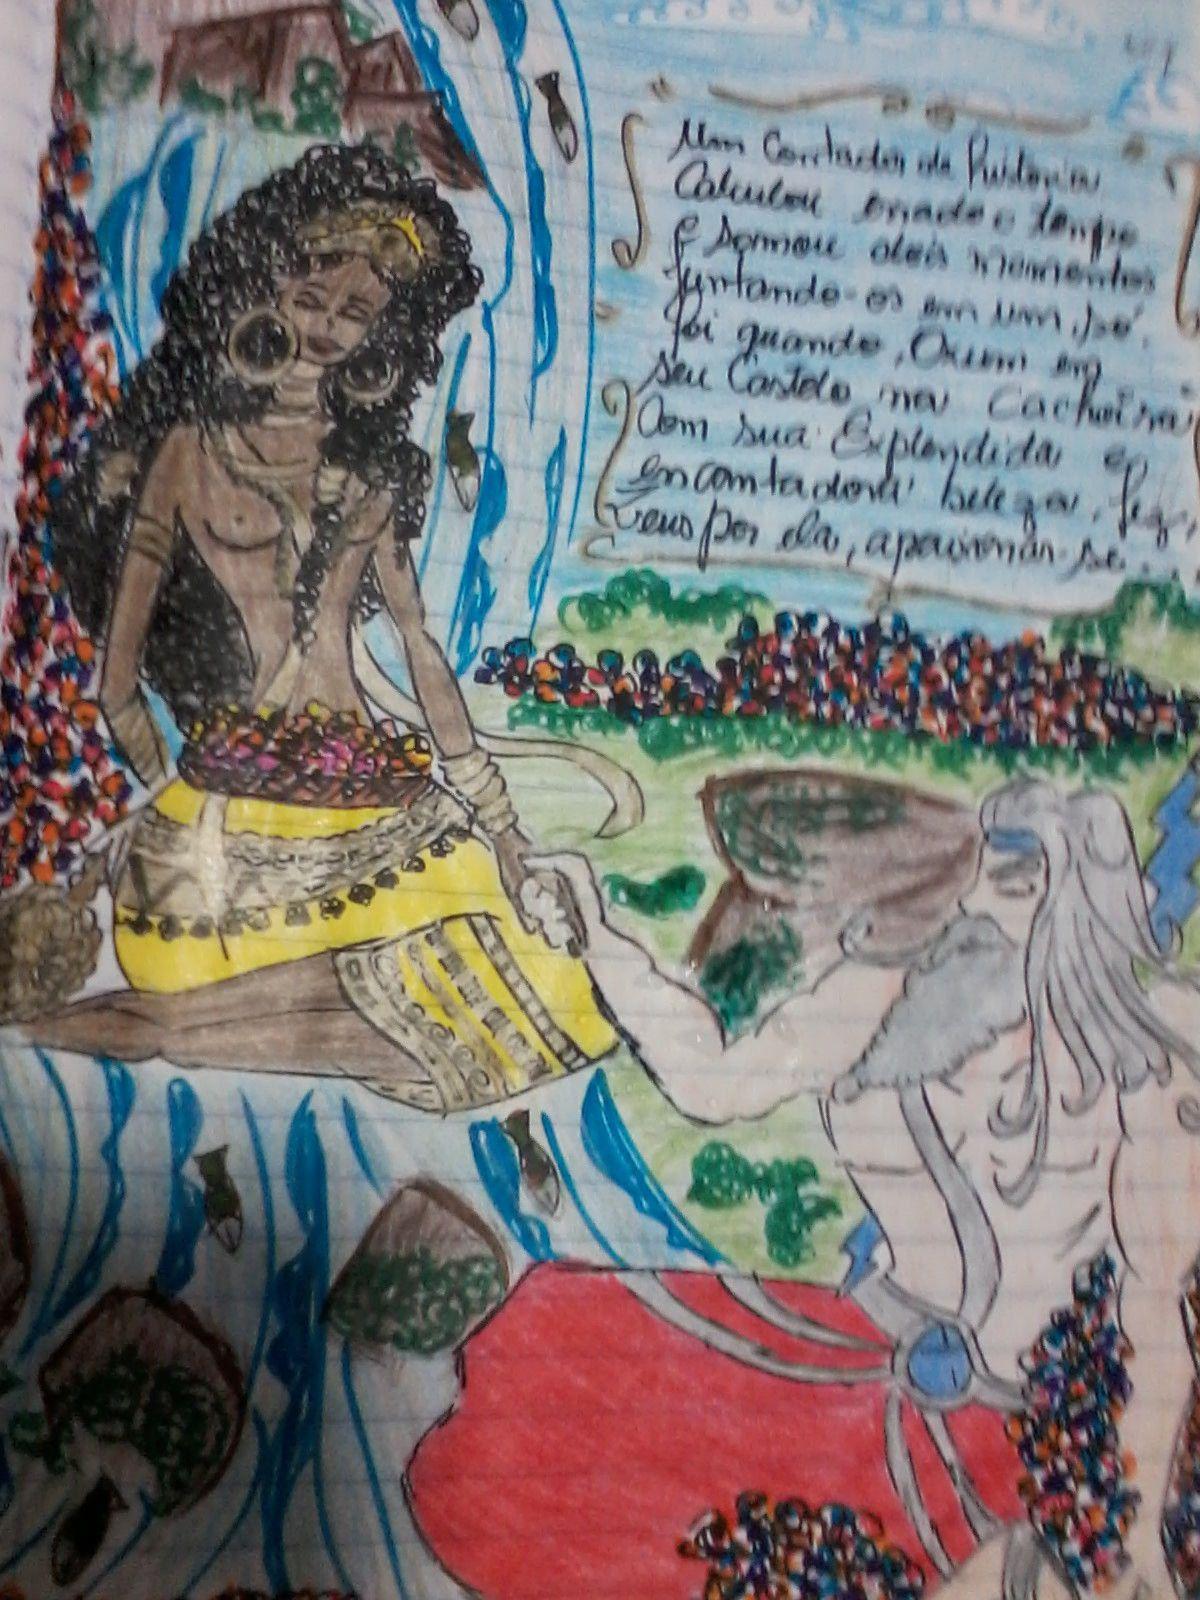 ...Nesse exato momento,uma chuva de andorinhas pareceram do nada, leves, lindas, e prateadas, saudando a todos, e sumiram no horizonte, viajando felizes, indo ao encontro de qualquer lugar...  Eduardo de Andrade.